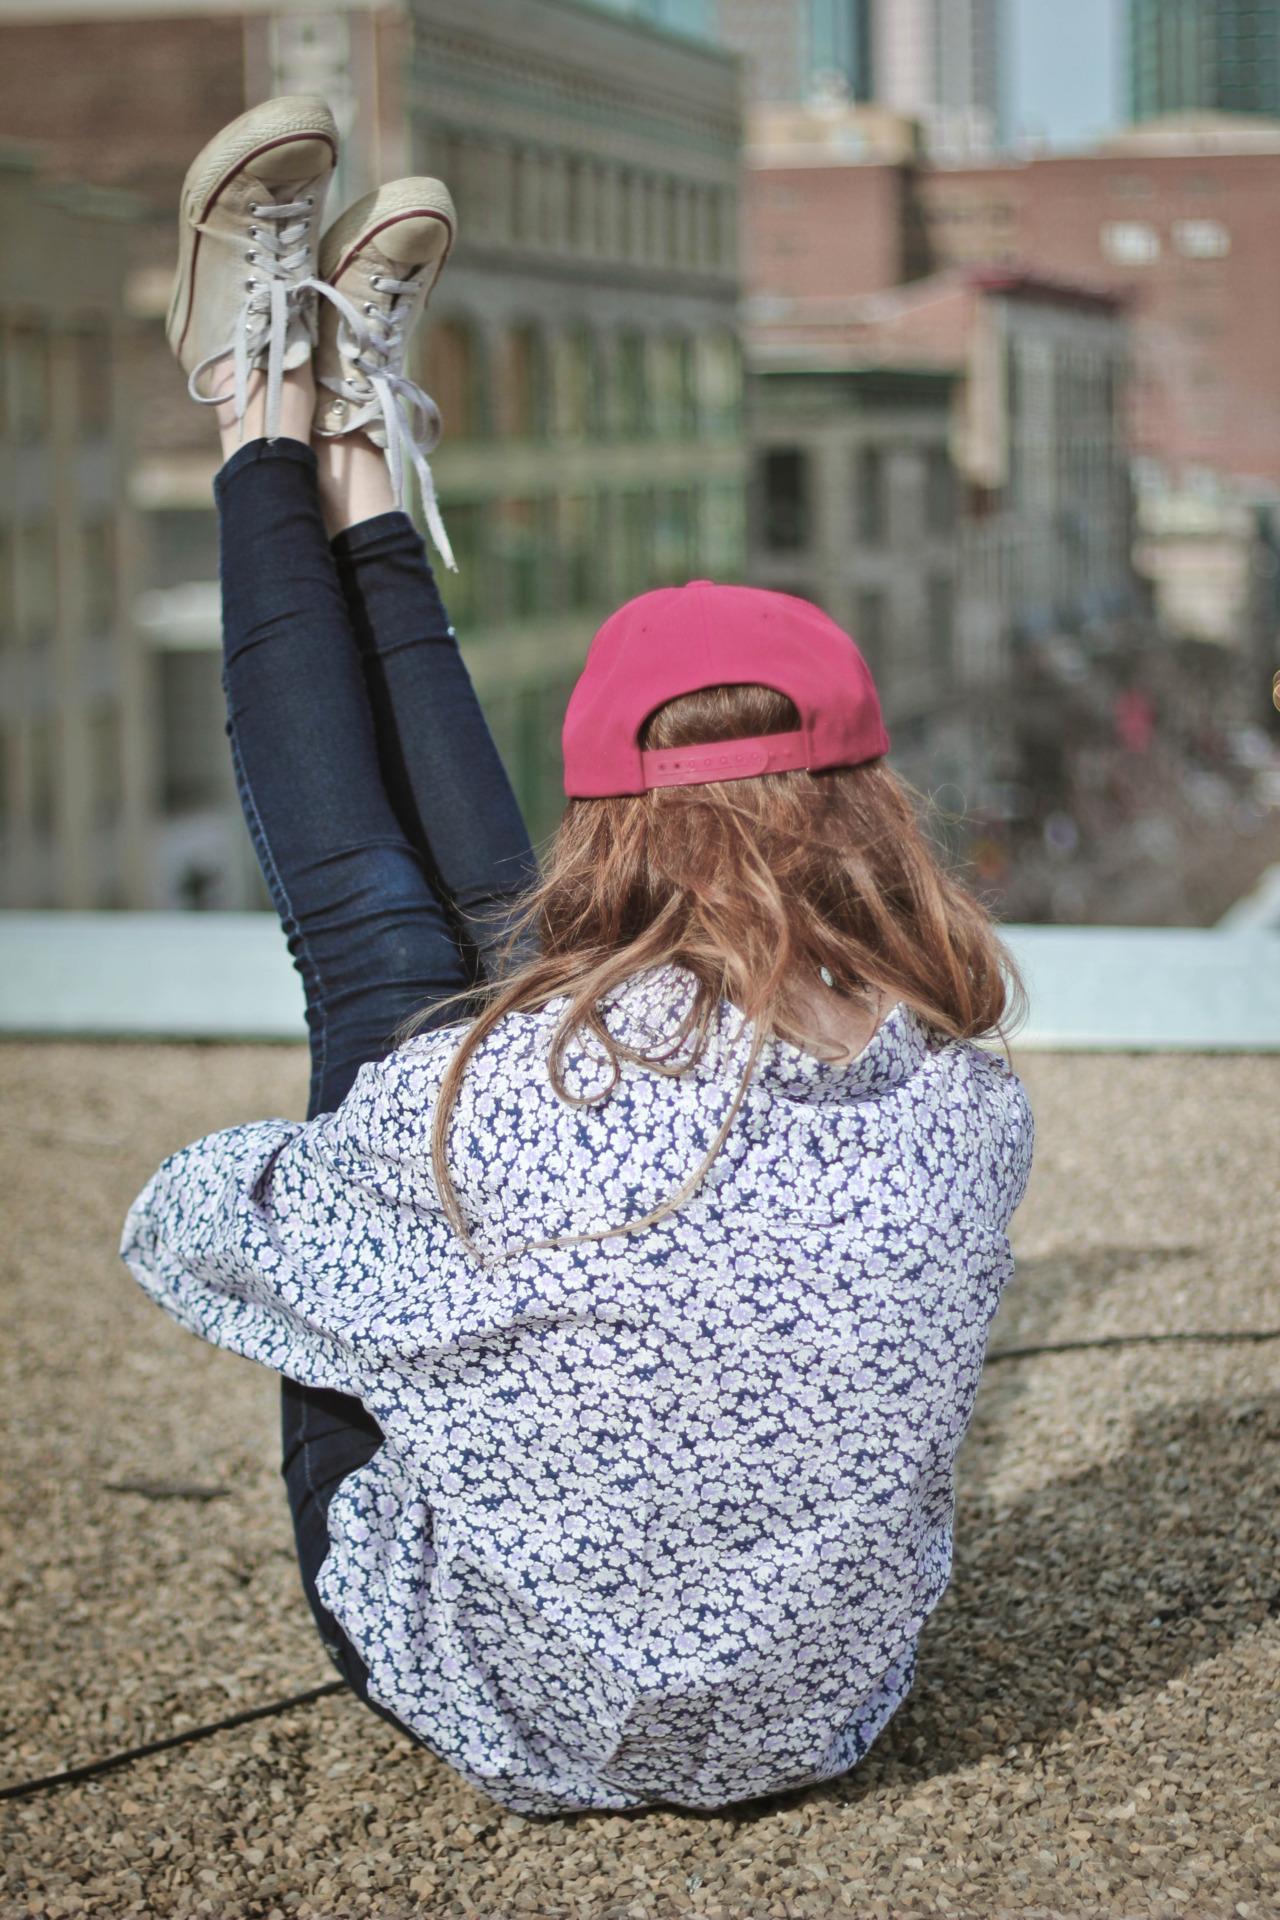 【ベースボールキャップコーデ】トレンドスタイルの帽子はキャップ!のサムネイル画像